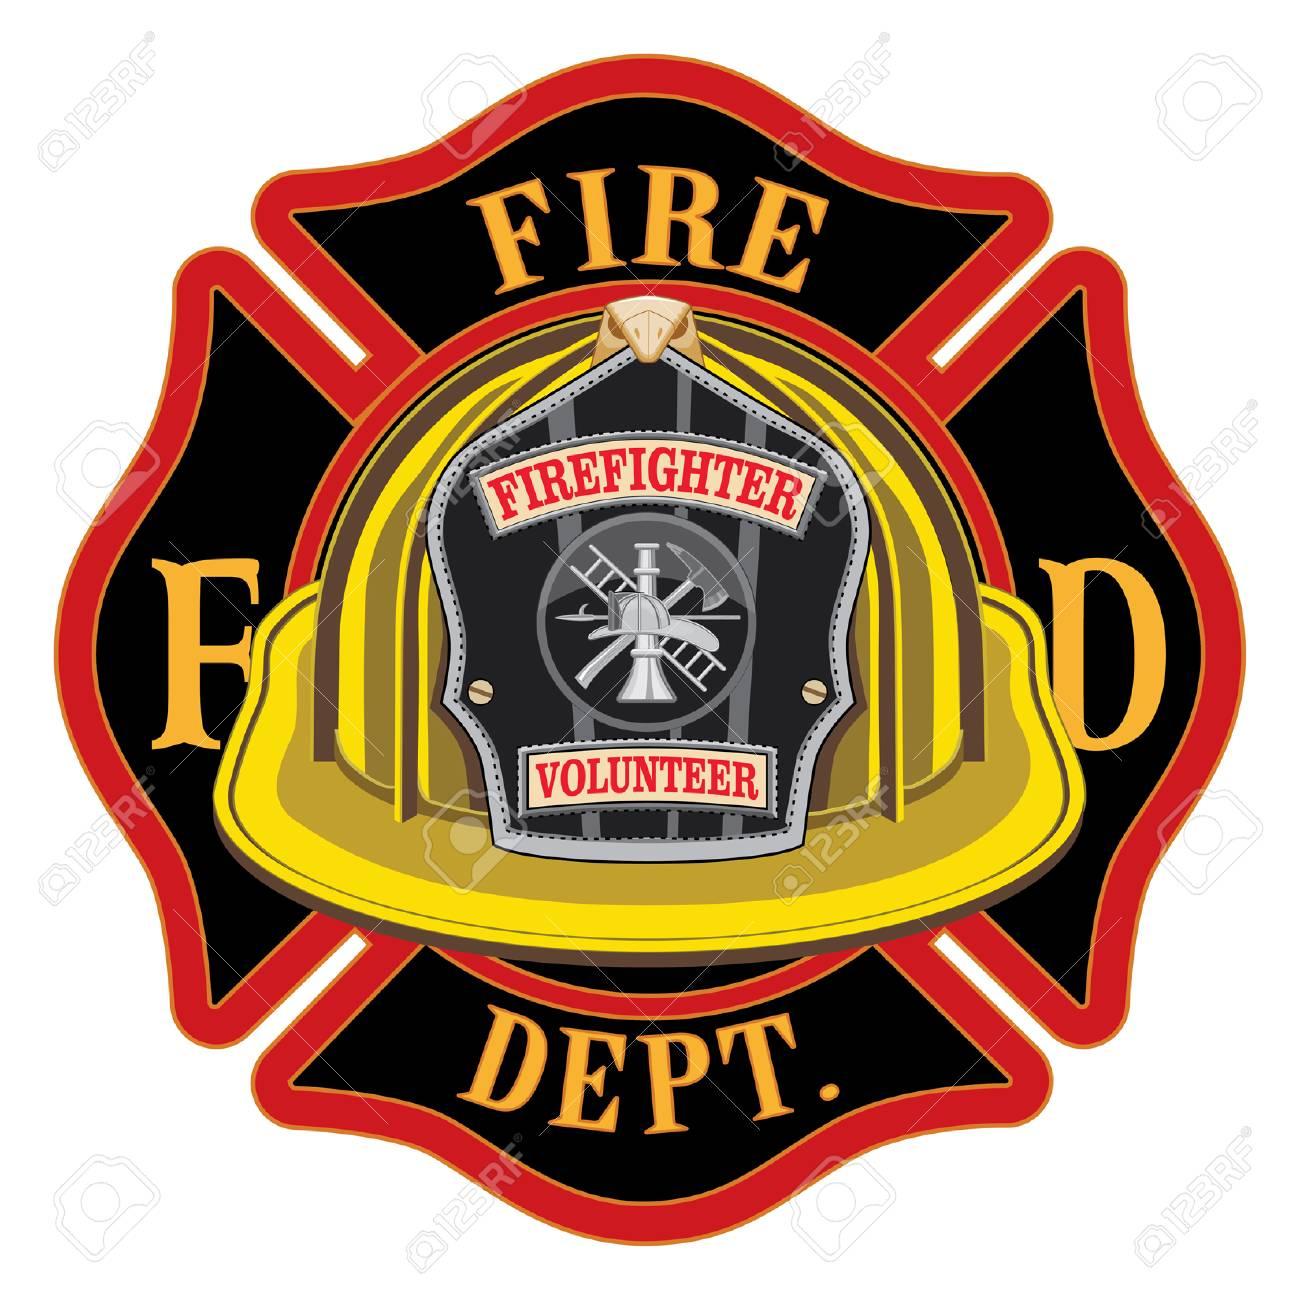 fire department cross volunteer yellow helmet is an illustration